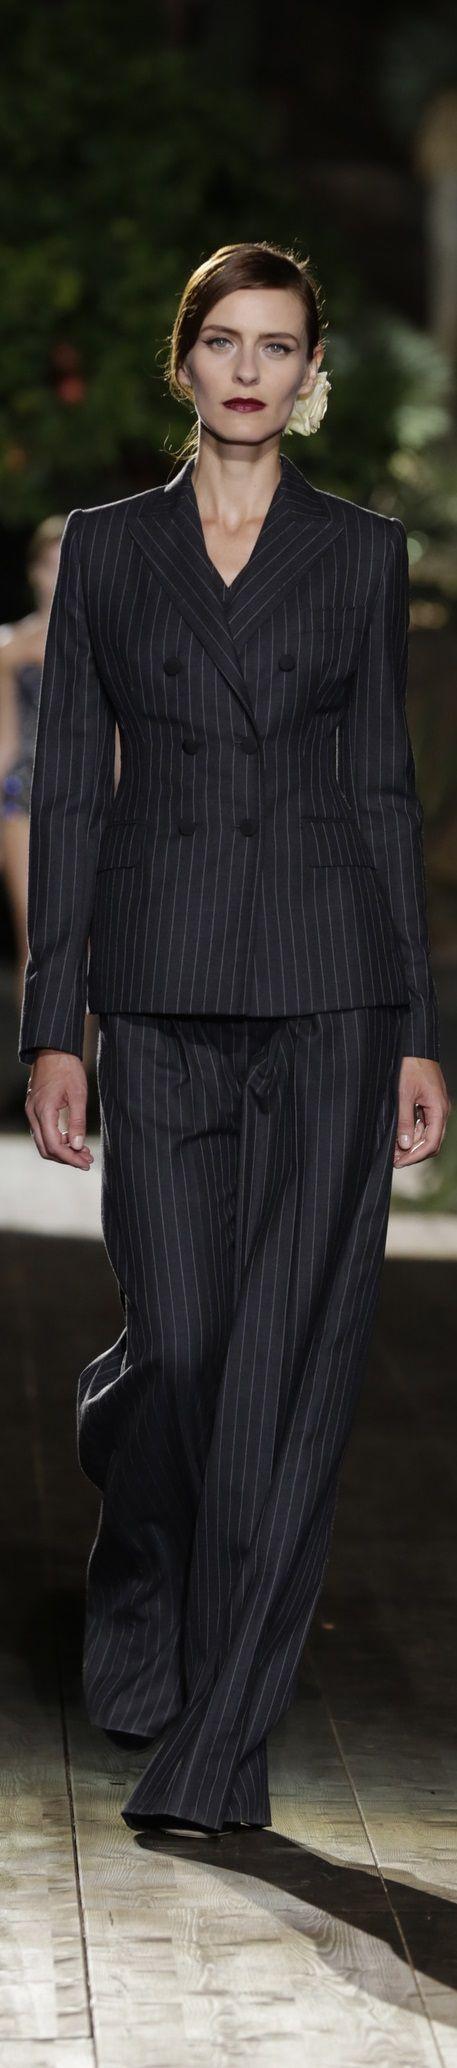 Dolce Gabbana Alta Moda Portofino FW Couture 2015